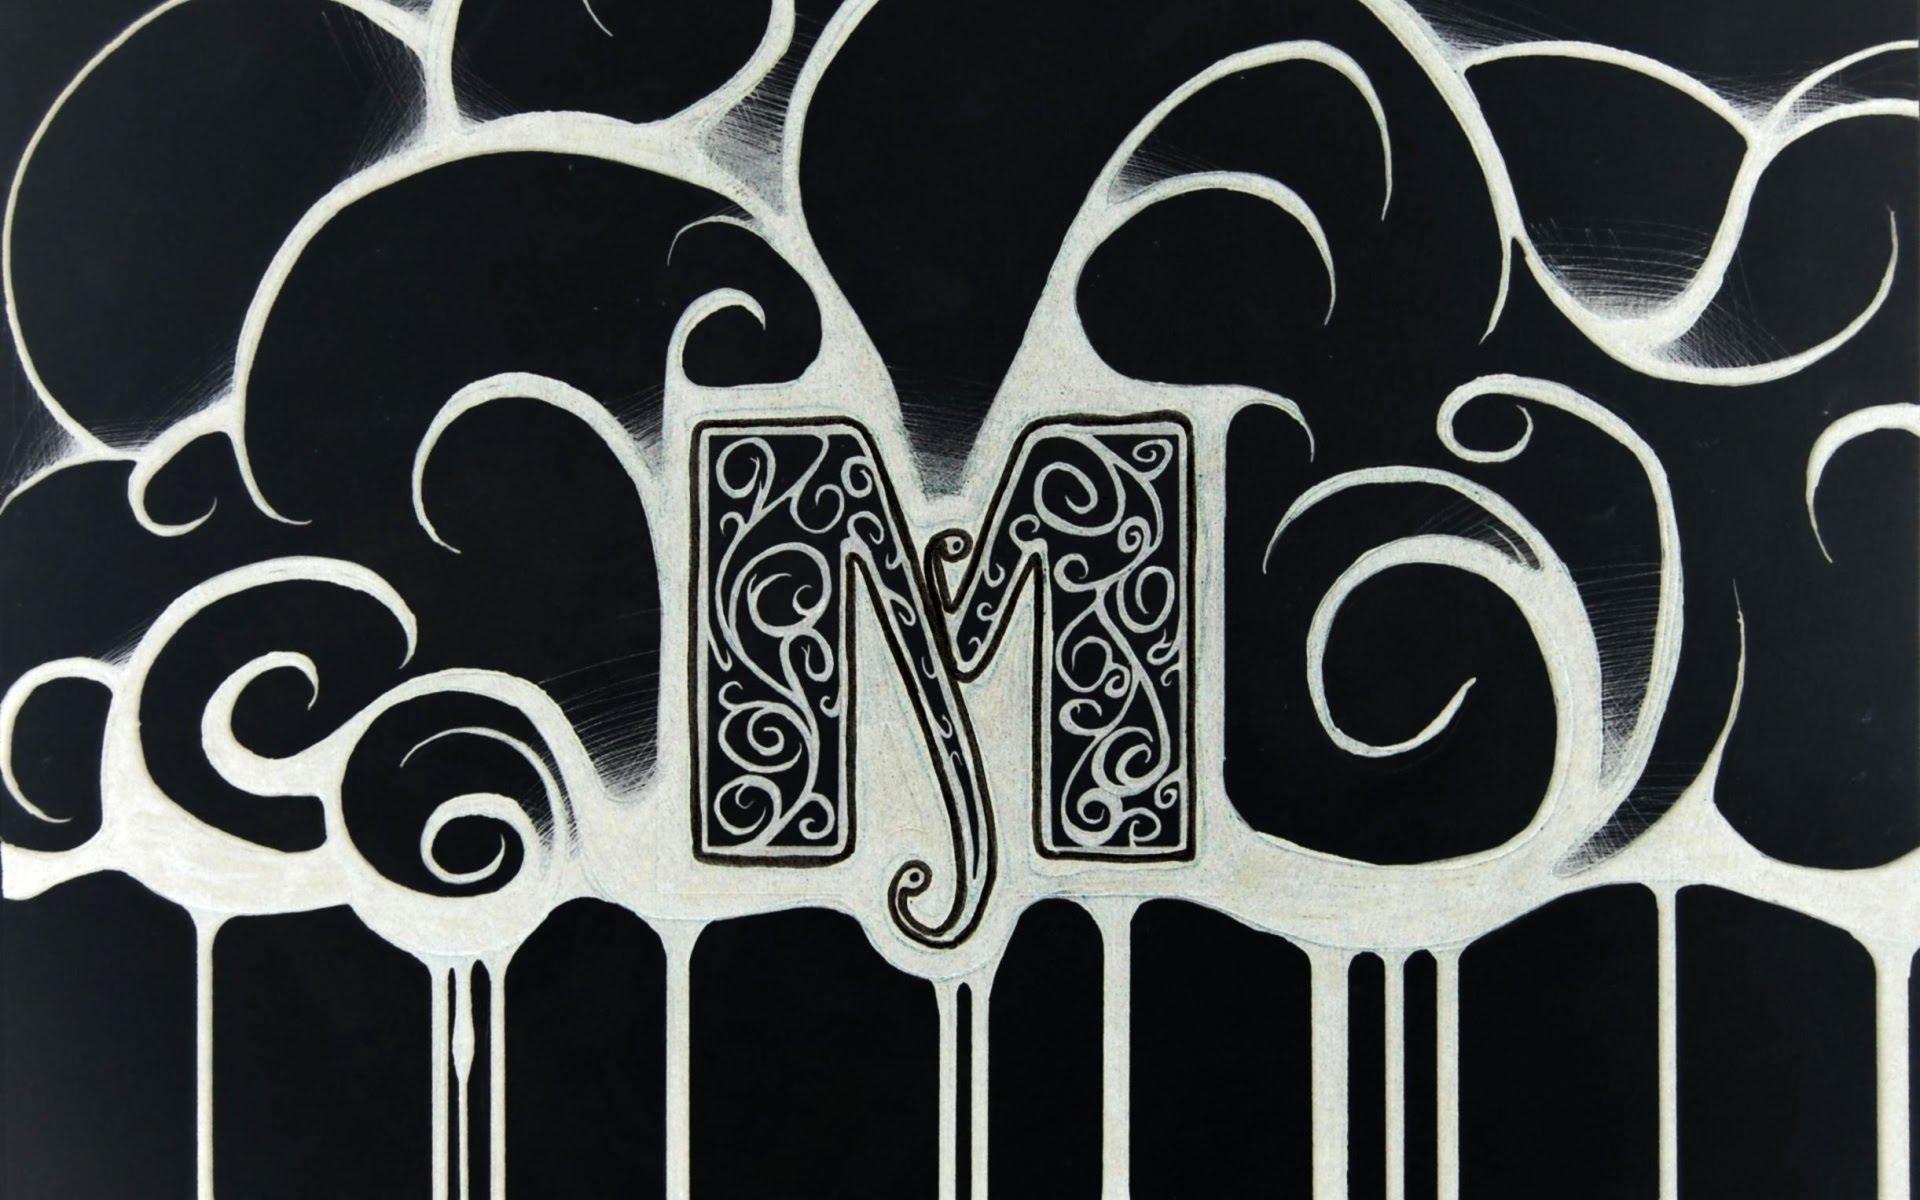 بالصور صور عن حرف m , اجمل صور لحرف الام 2915 7